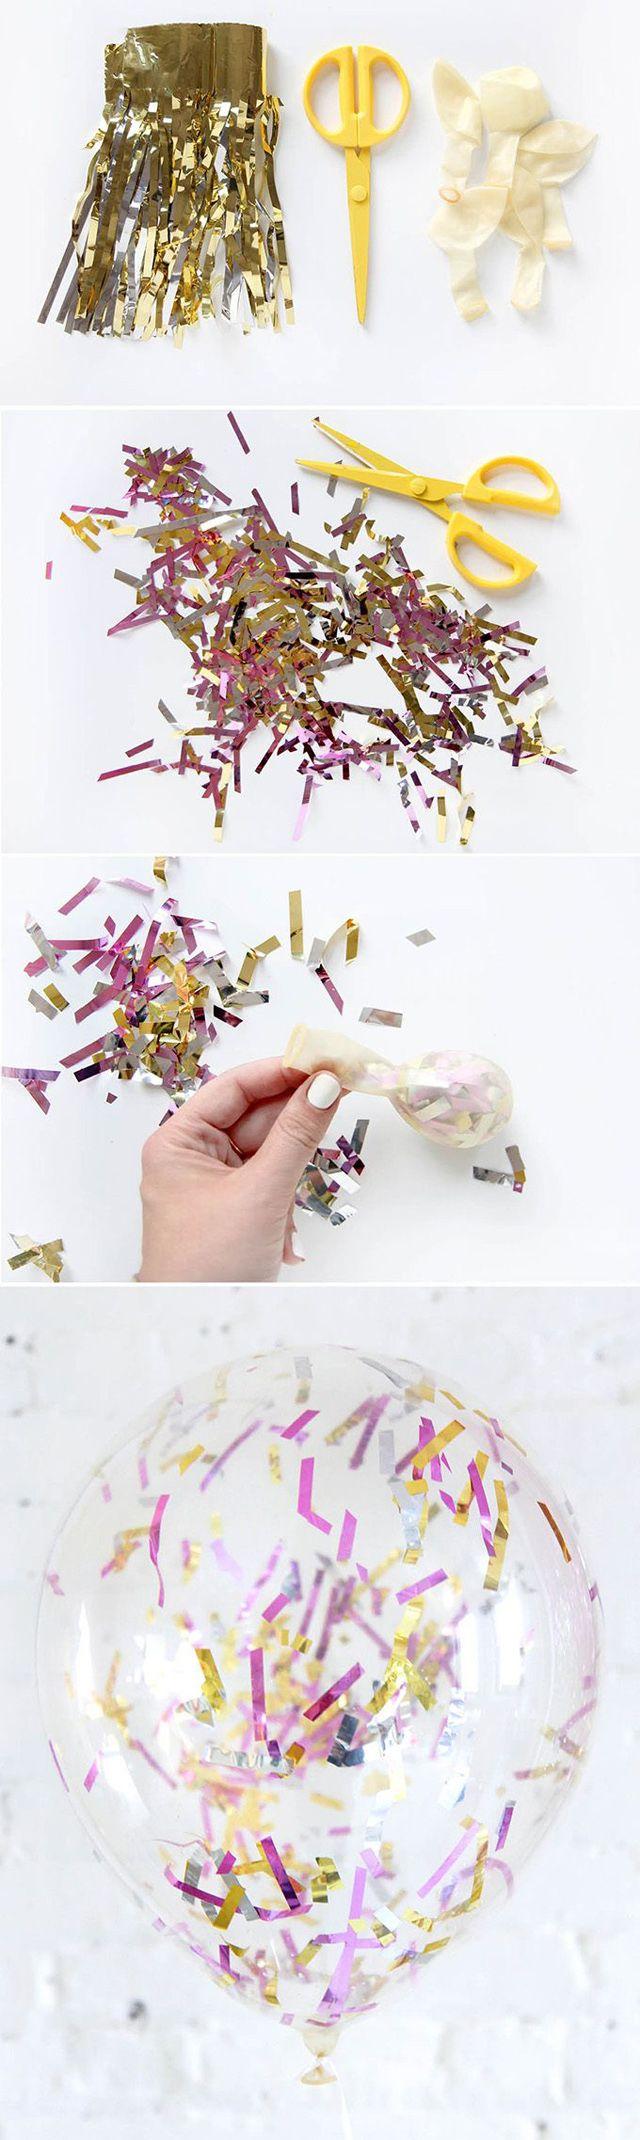 Воздушные шары — неизменный яркий атрибут любой вечеринки или детского праздника. Но приходило ли вам в голову, какие еще возможности таит в себе этот простой предмет? Во-первых, шарик может остаться шариком, но стать необычным и единственным в своем роде. Немного конфетти, цветной бумаги, красок — и шарик уже готов претендовать на звание уникального украшения праздника или забавного дополнения к подарку.